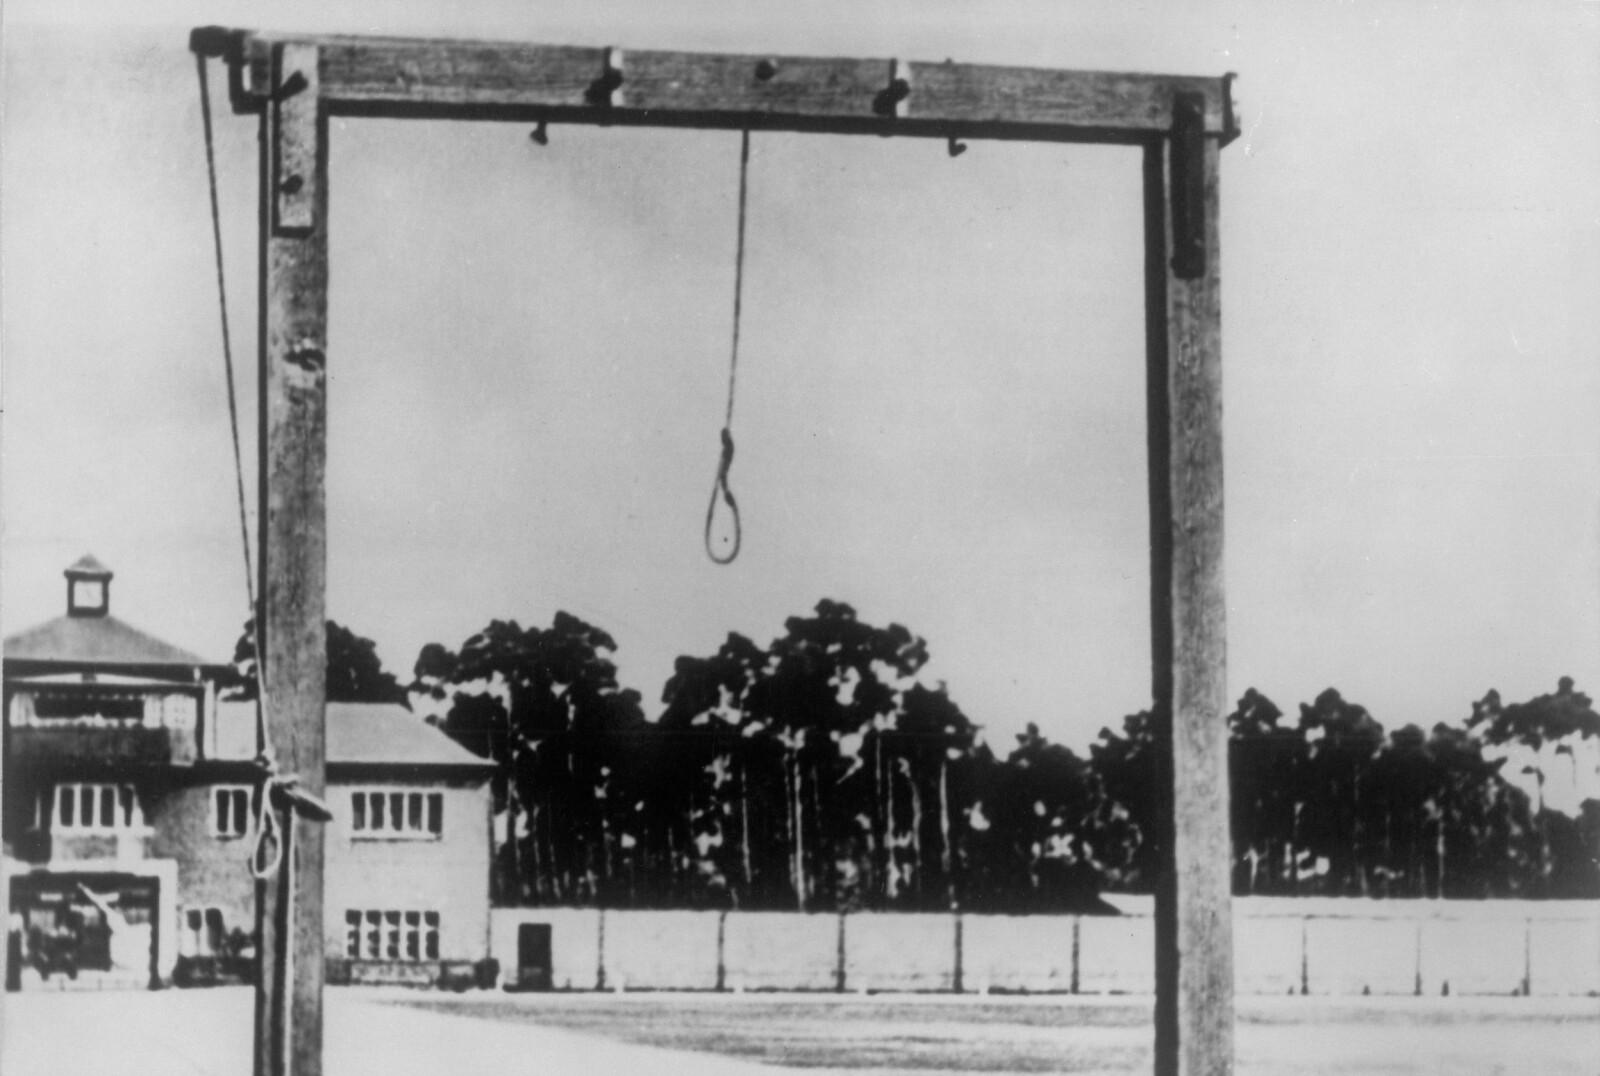 GALGEN: Når Torstein og de andre fangene så at galgen var plassert på appellplassen, visste de at kvelden kom til å bli lang. Dette bildet er tatt i 1960 i Sachsenhausen. FOTO: NTB scanpix